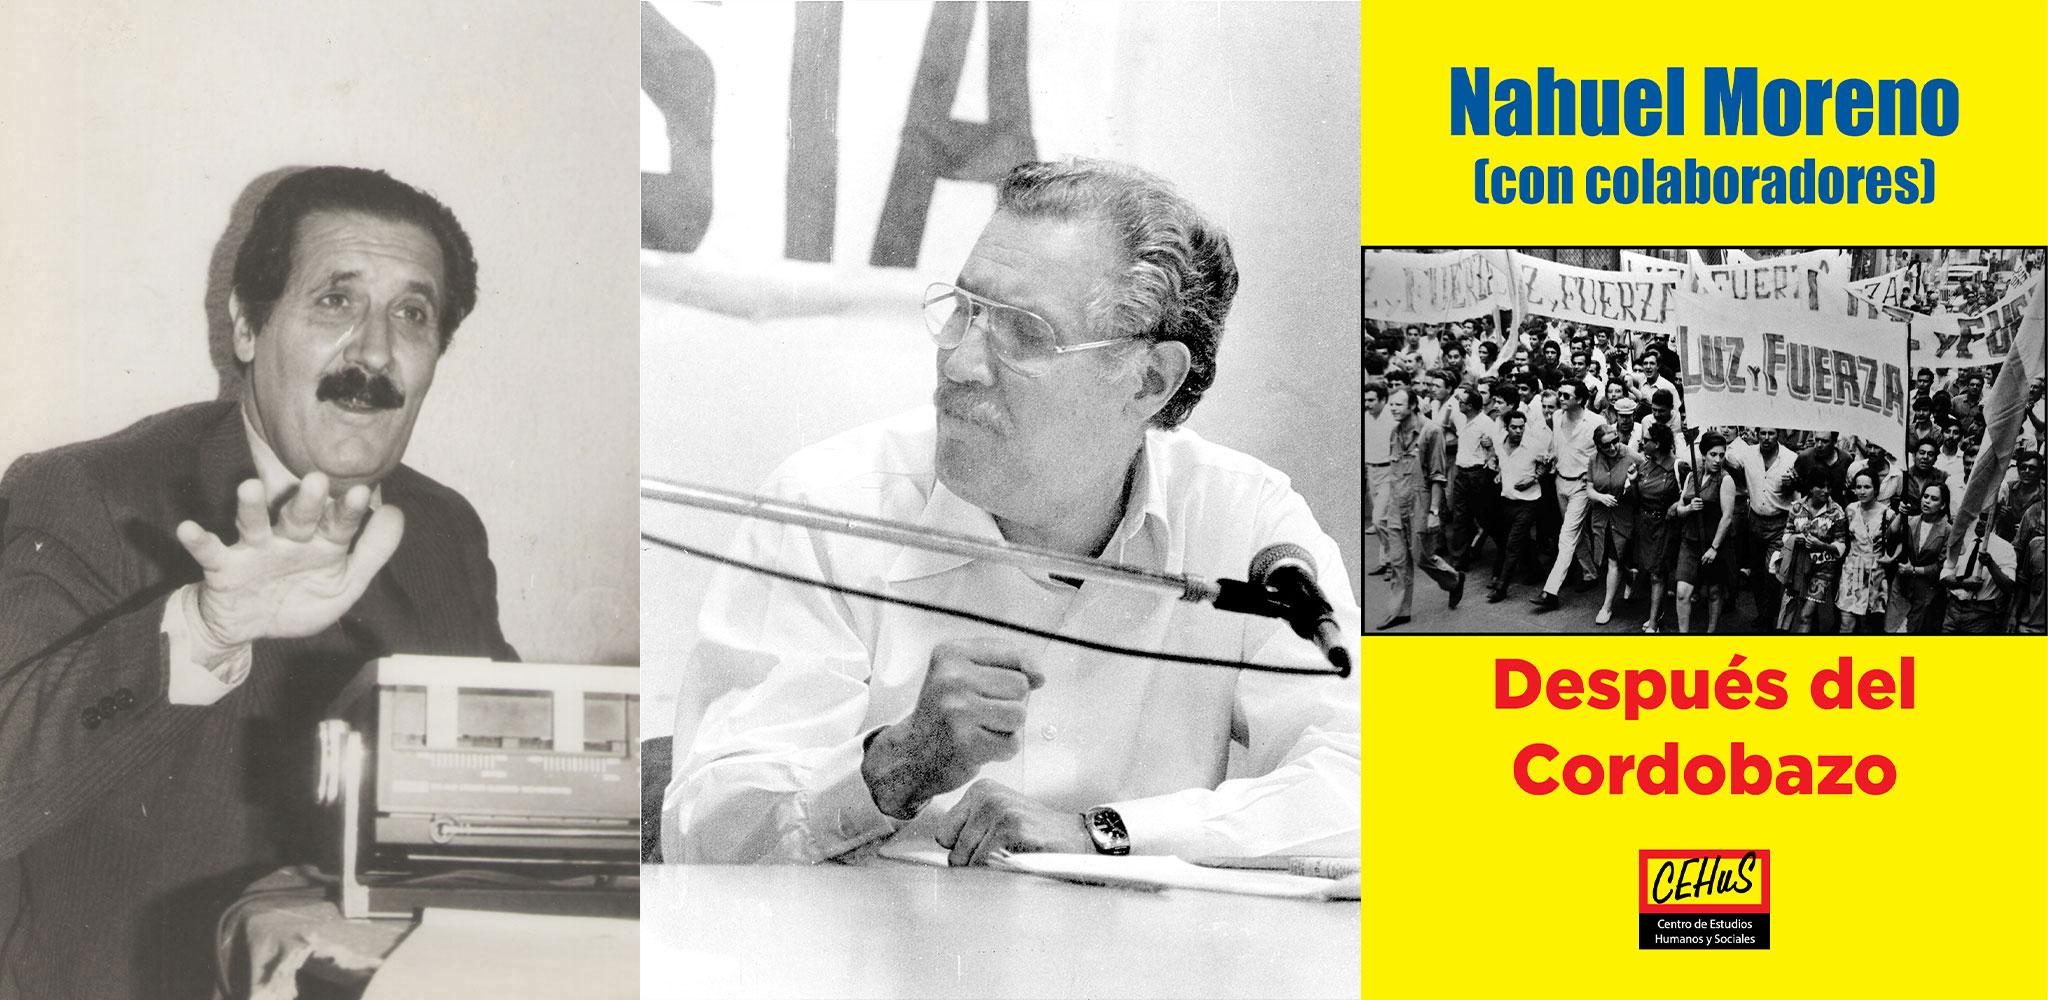 DESPUÉS DEL CORDOBAZO (1969-1975)